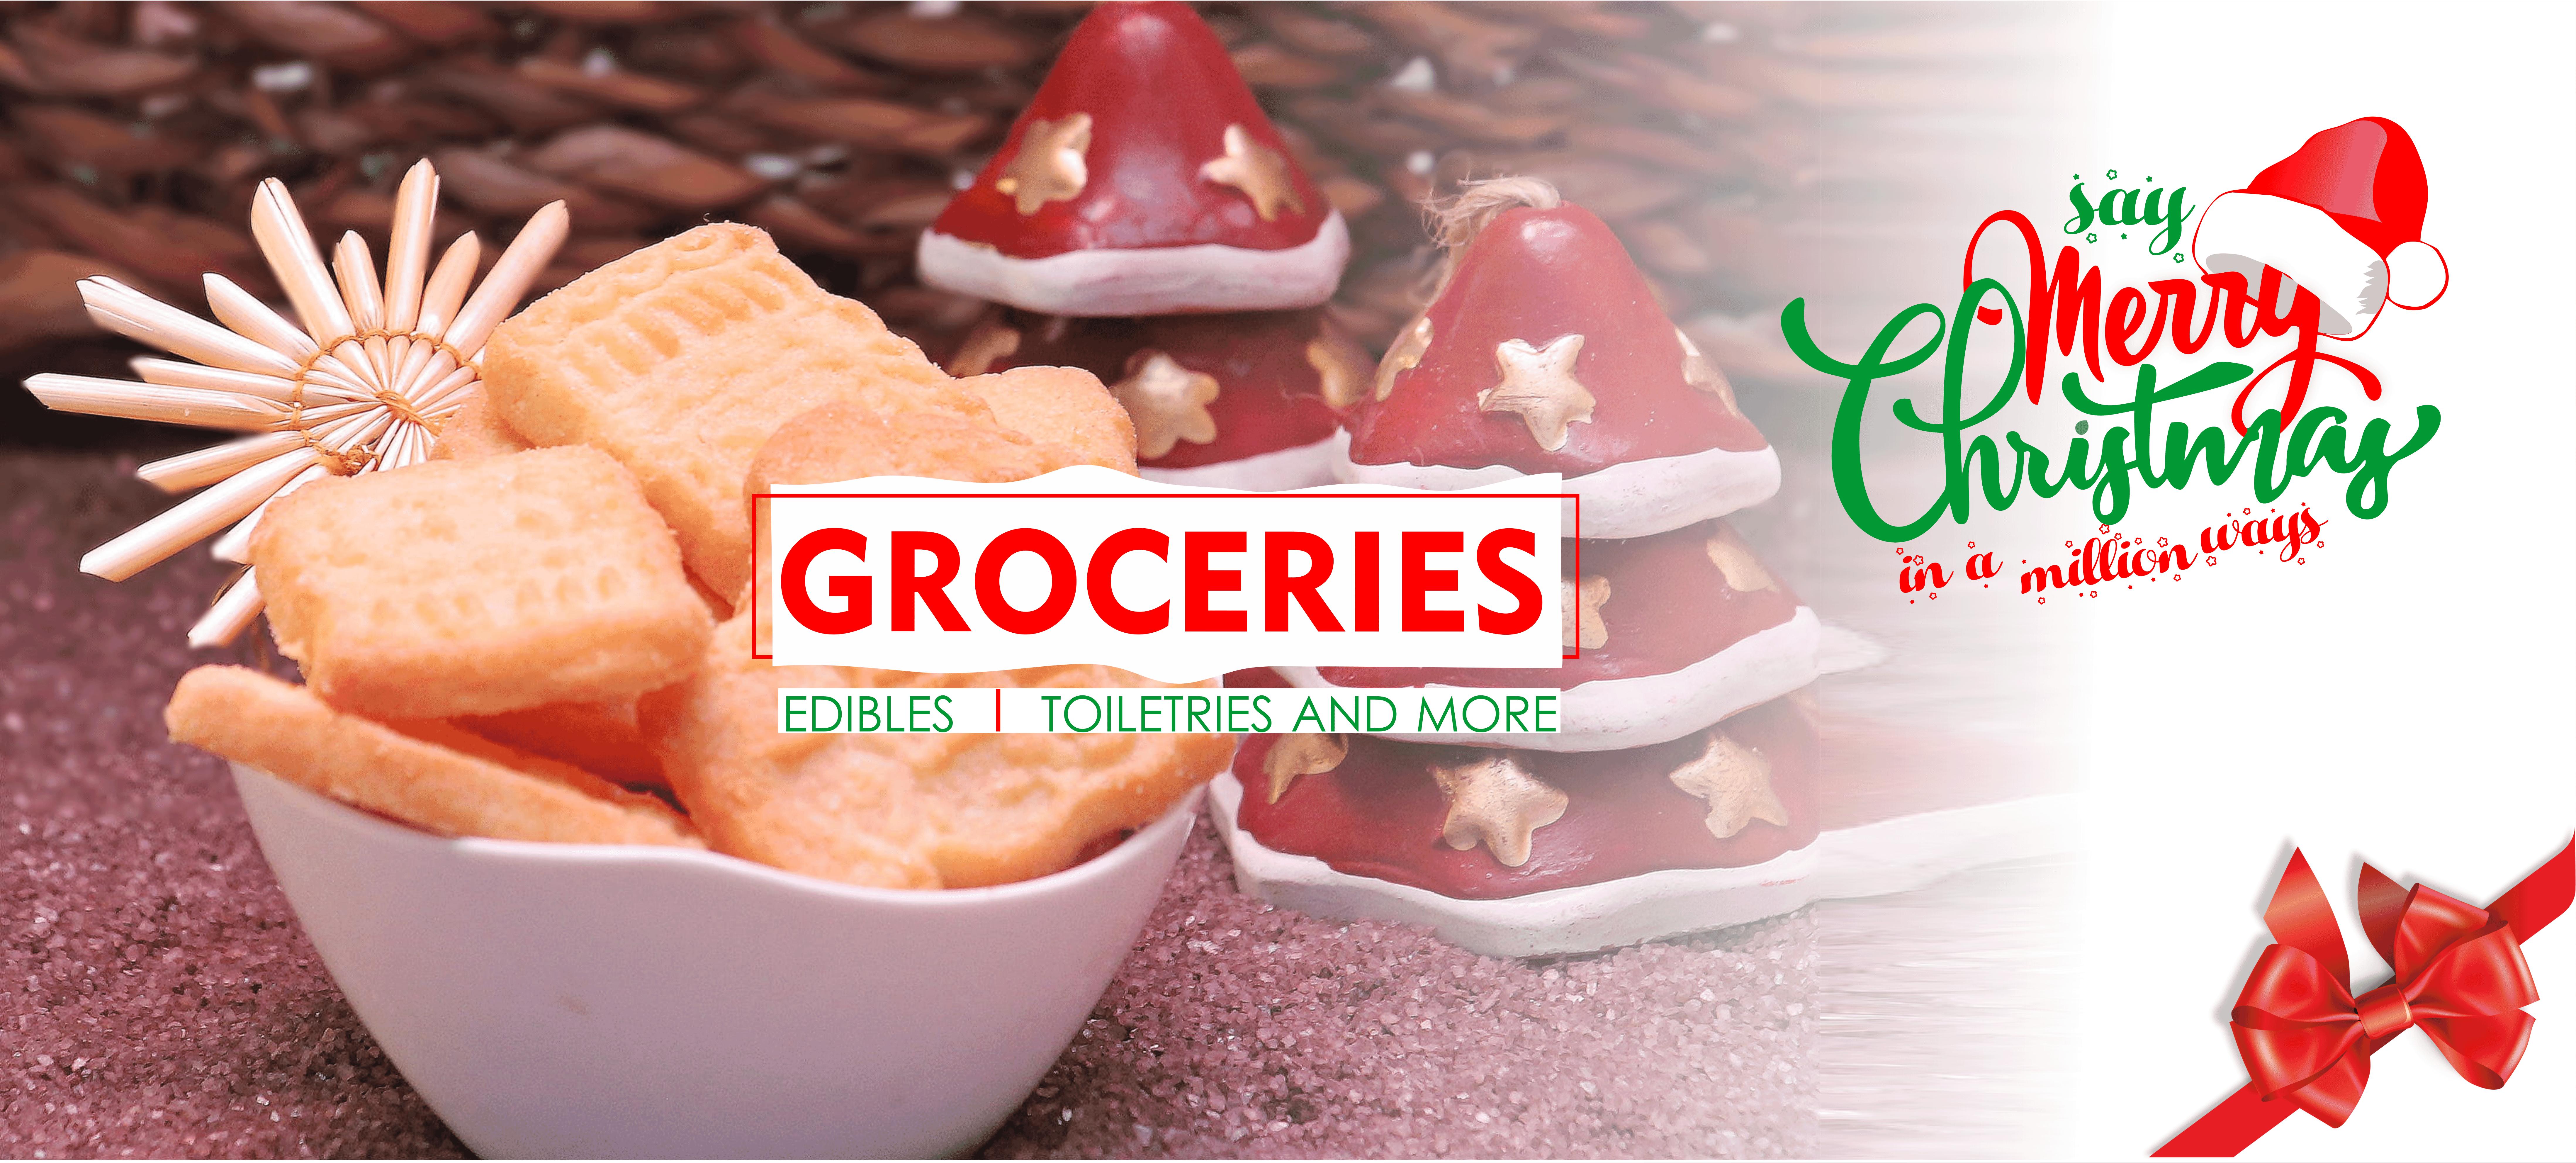 shop groceries